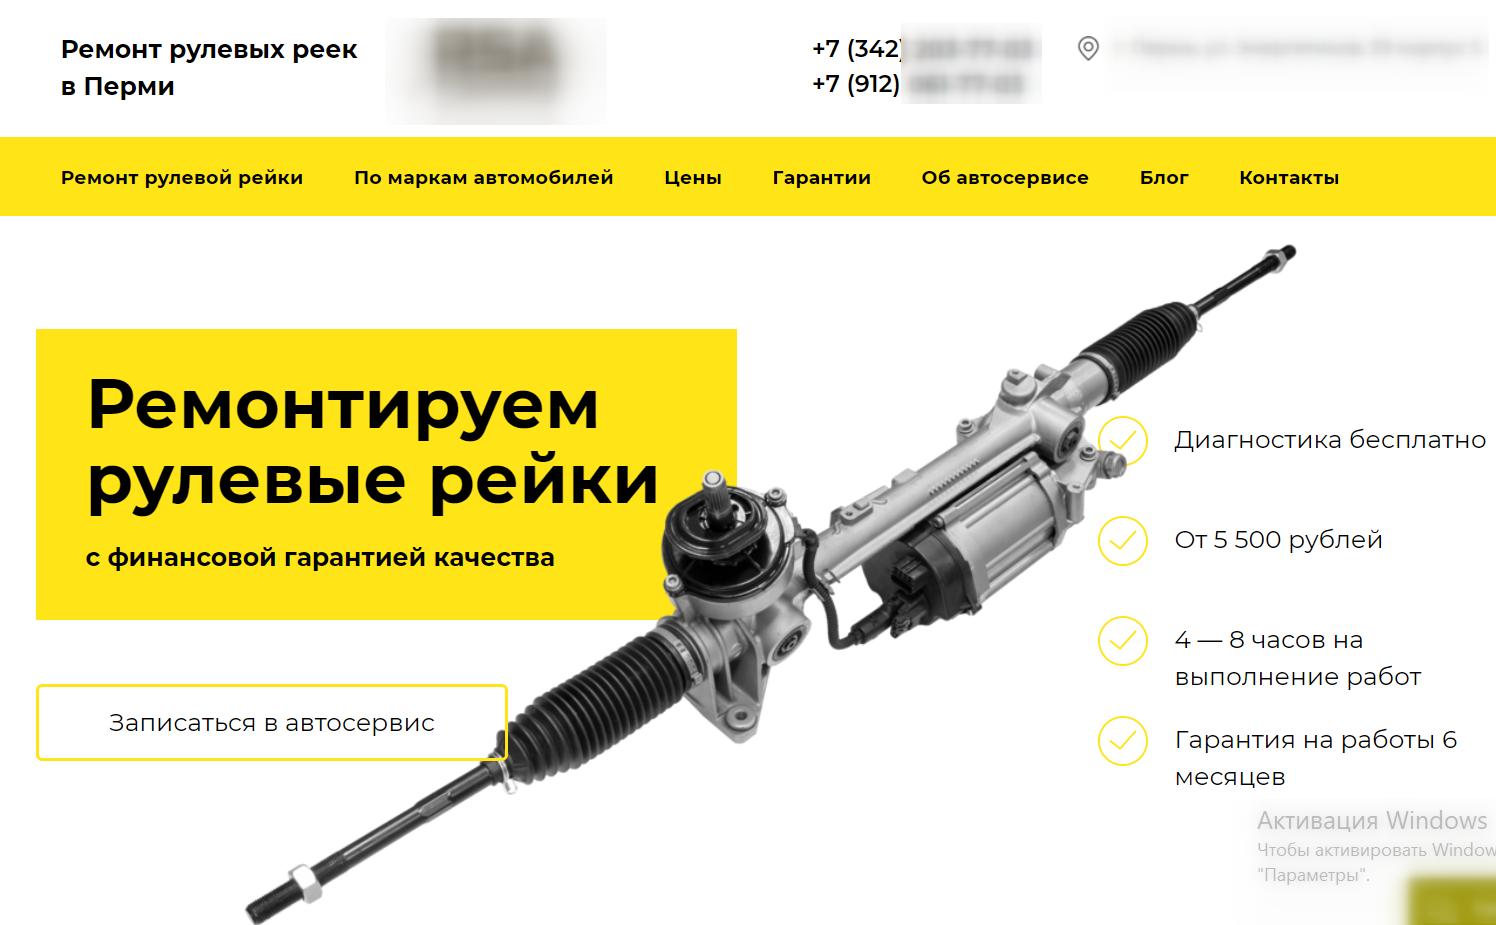 Как повысить доверие на сайте – фоновая картинка с продуктом